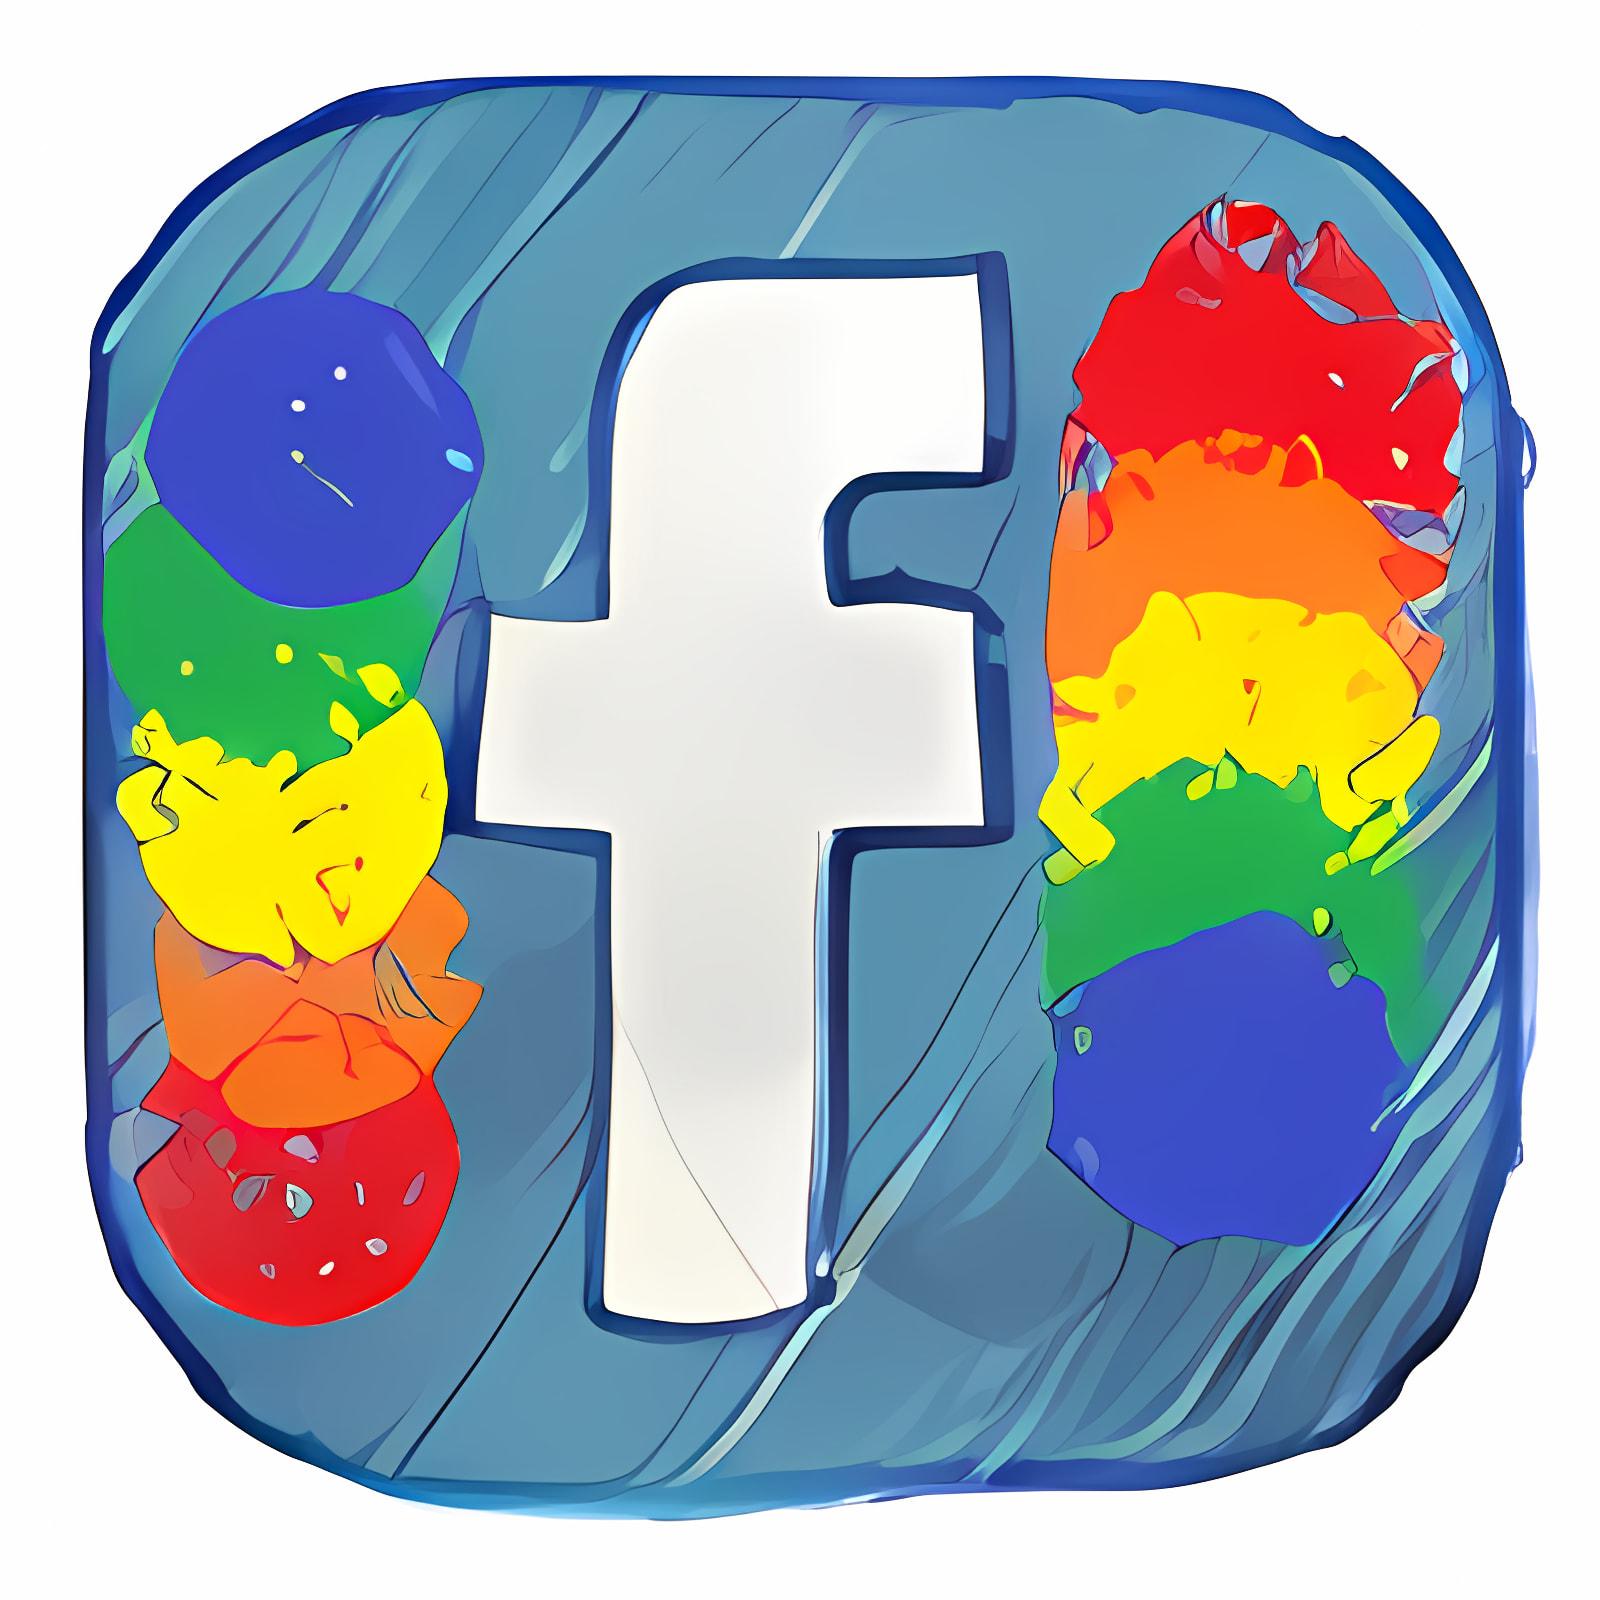 Facebook Background Changer 5.1.6